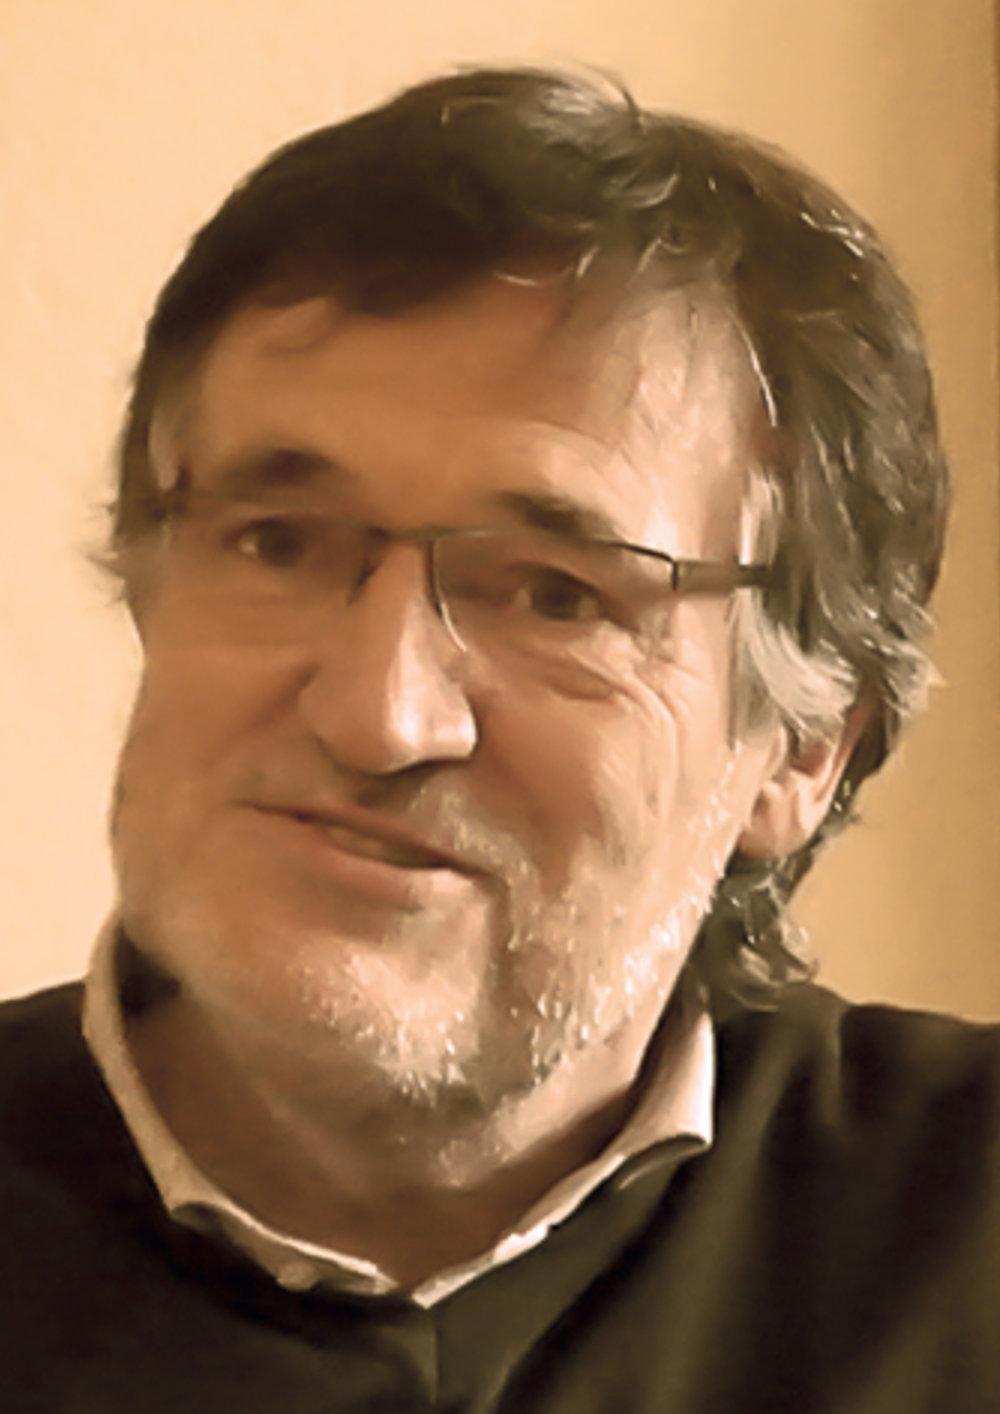 Änder Schanck, Luxemburg, Vertreter des Wirtschaftslebens